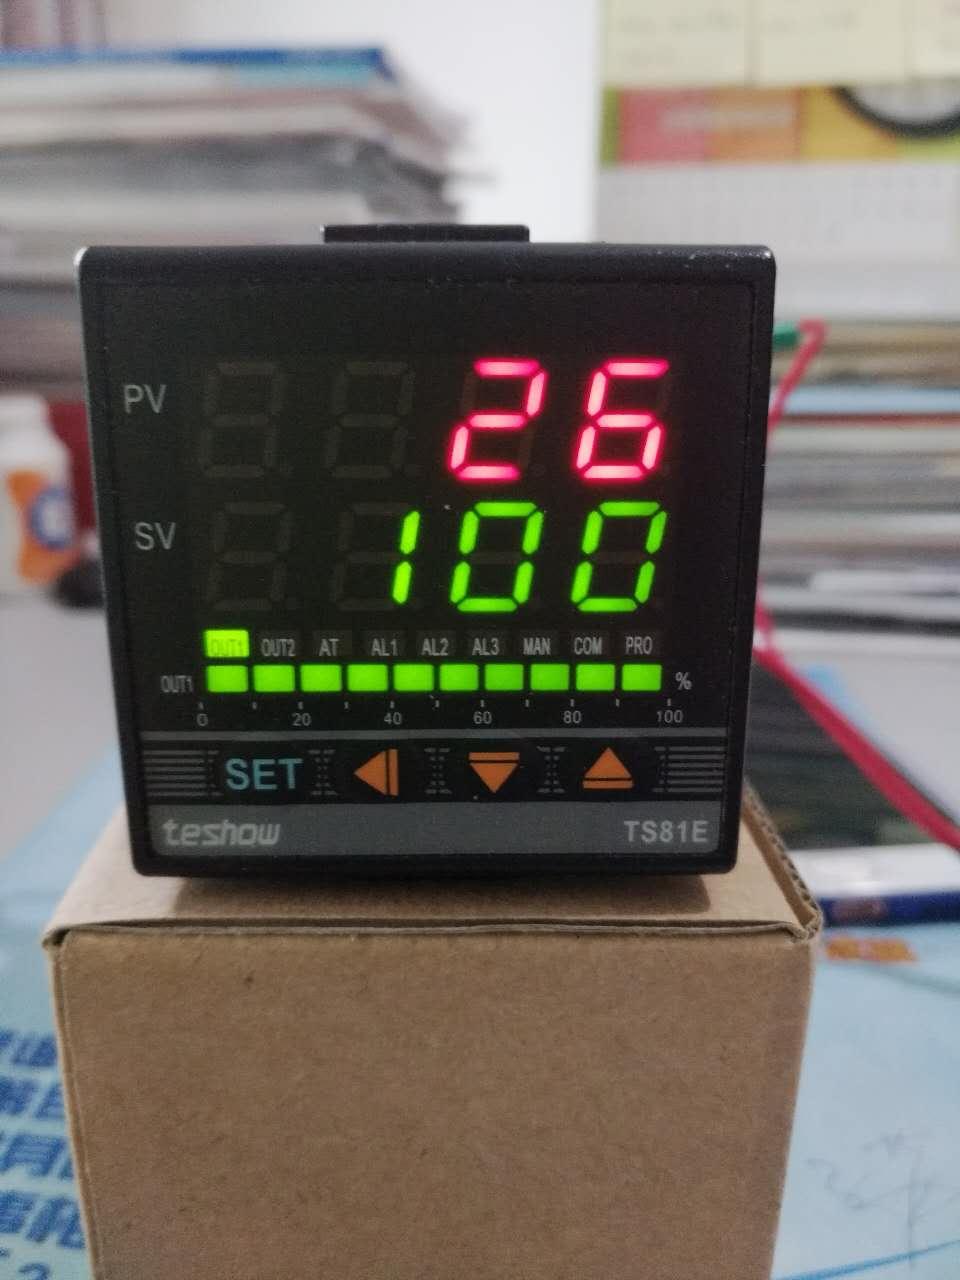 东莞温度表厂家,深圳温度表批发,温湿度仪表厂家价格,台湾数显仪代理商